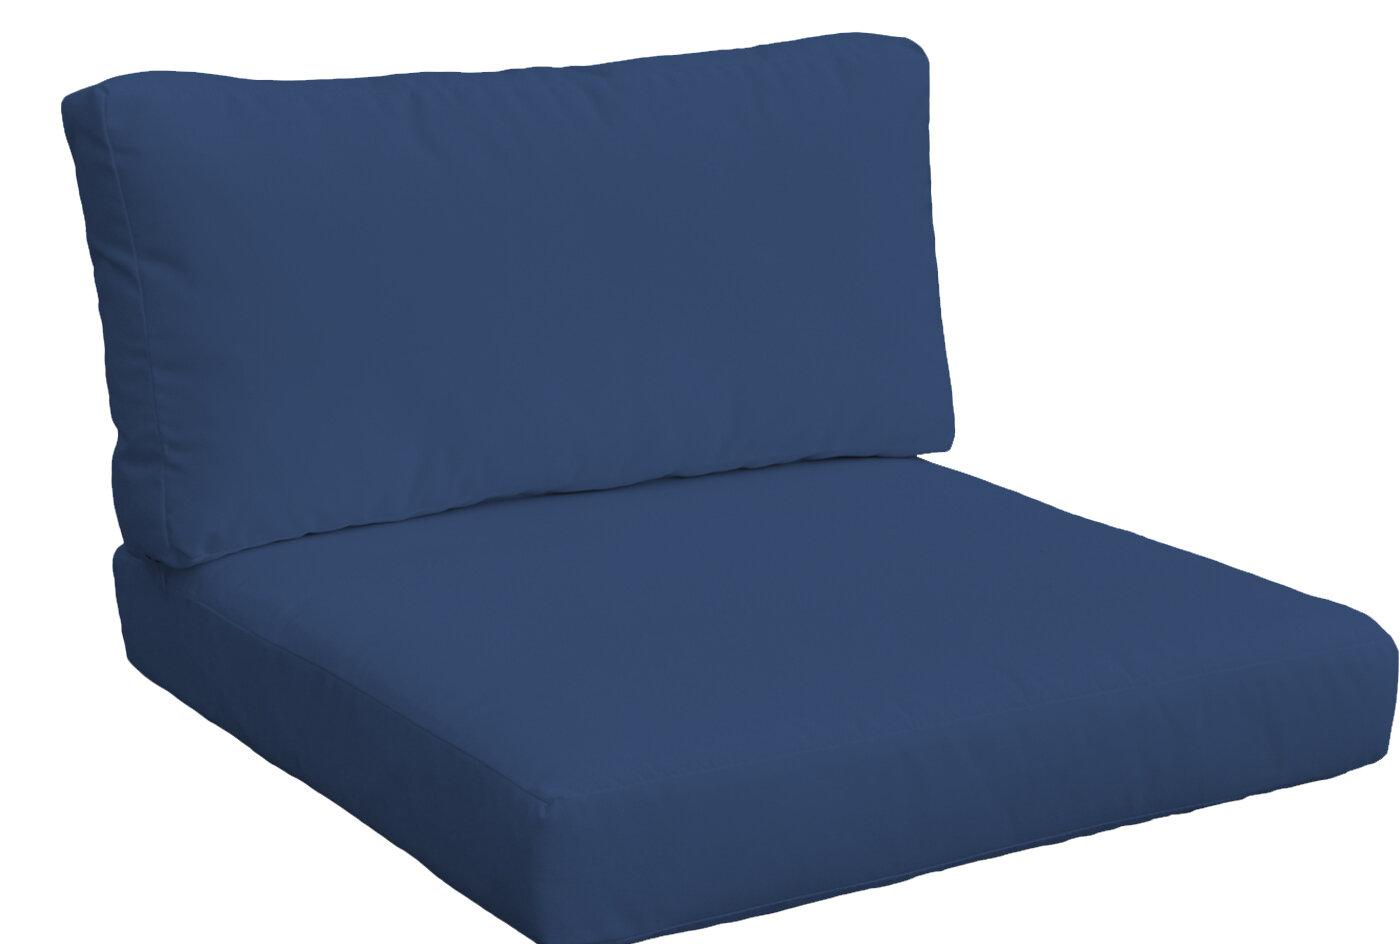 Patio Furniture Cushions Outdoor Chair Cushions You Ll Love In 2020 Wayfair